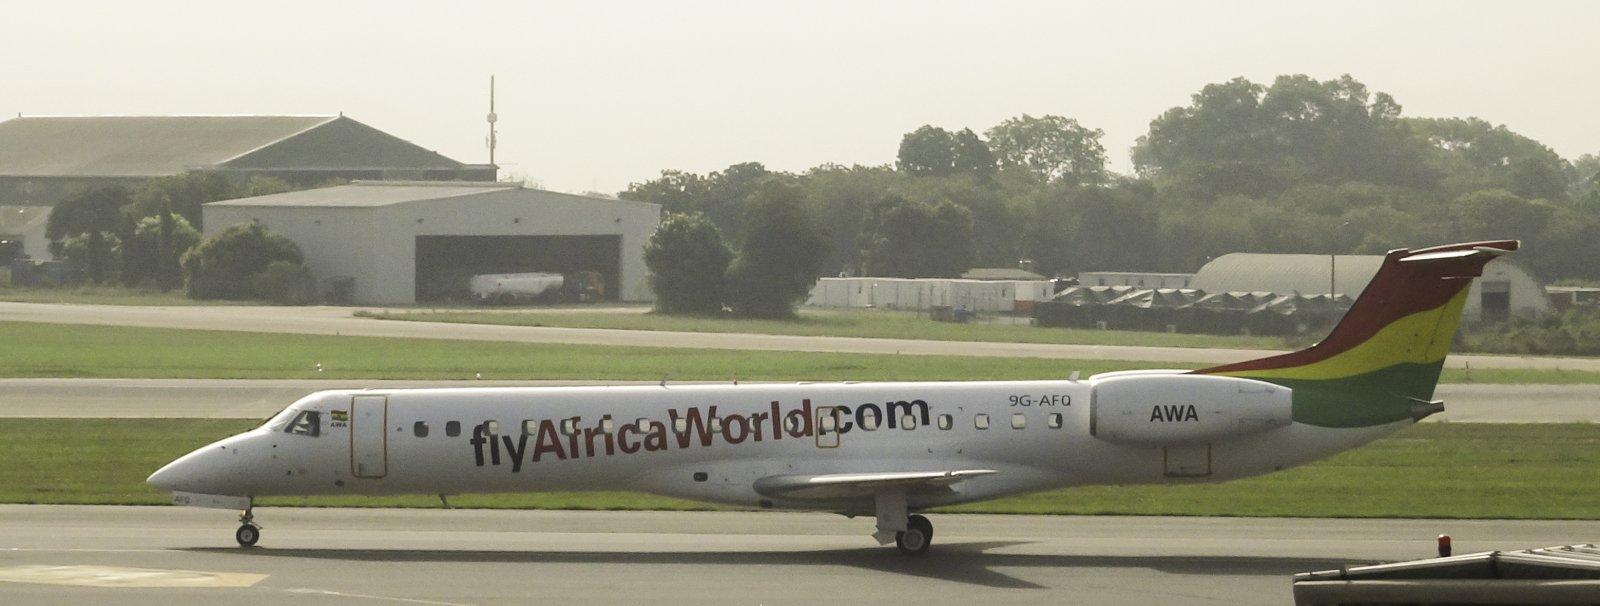 Africa World Airlines Embraer ERJ-145LI 9G-AFQ